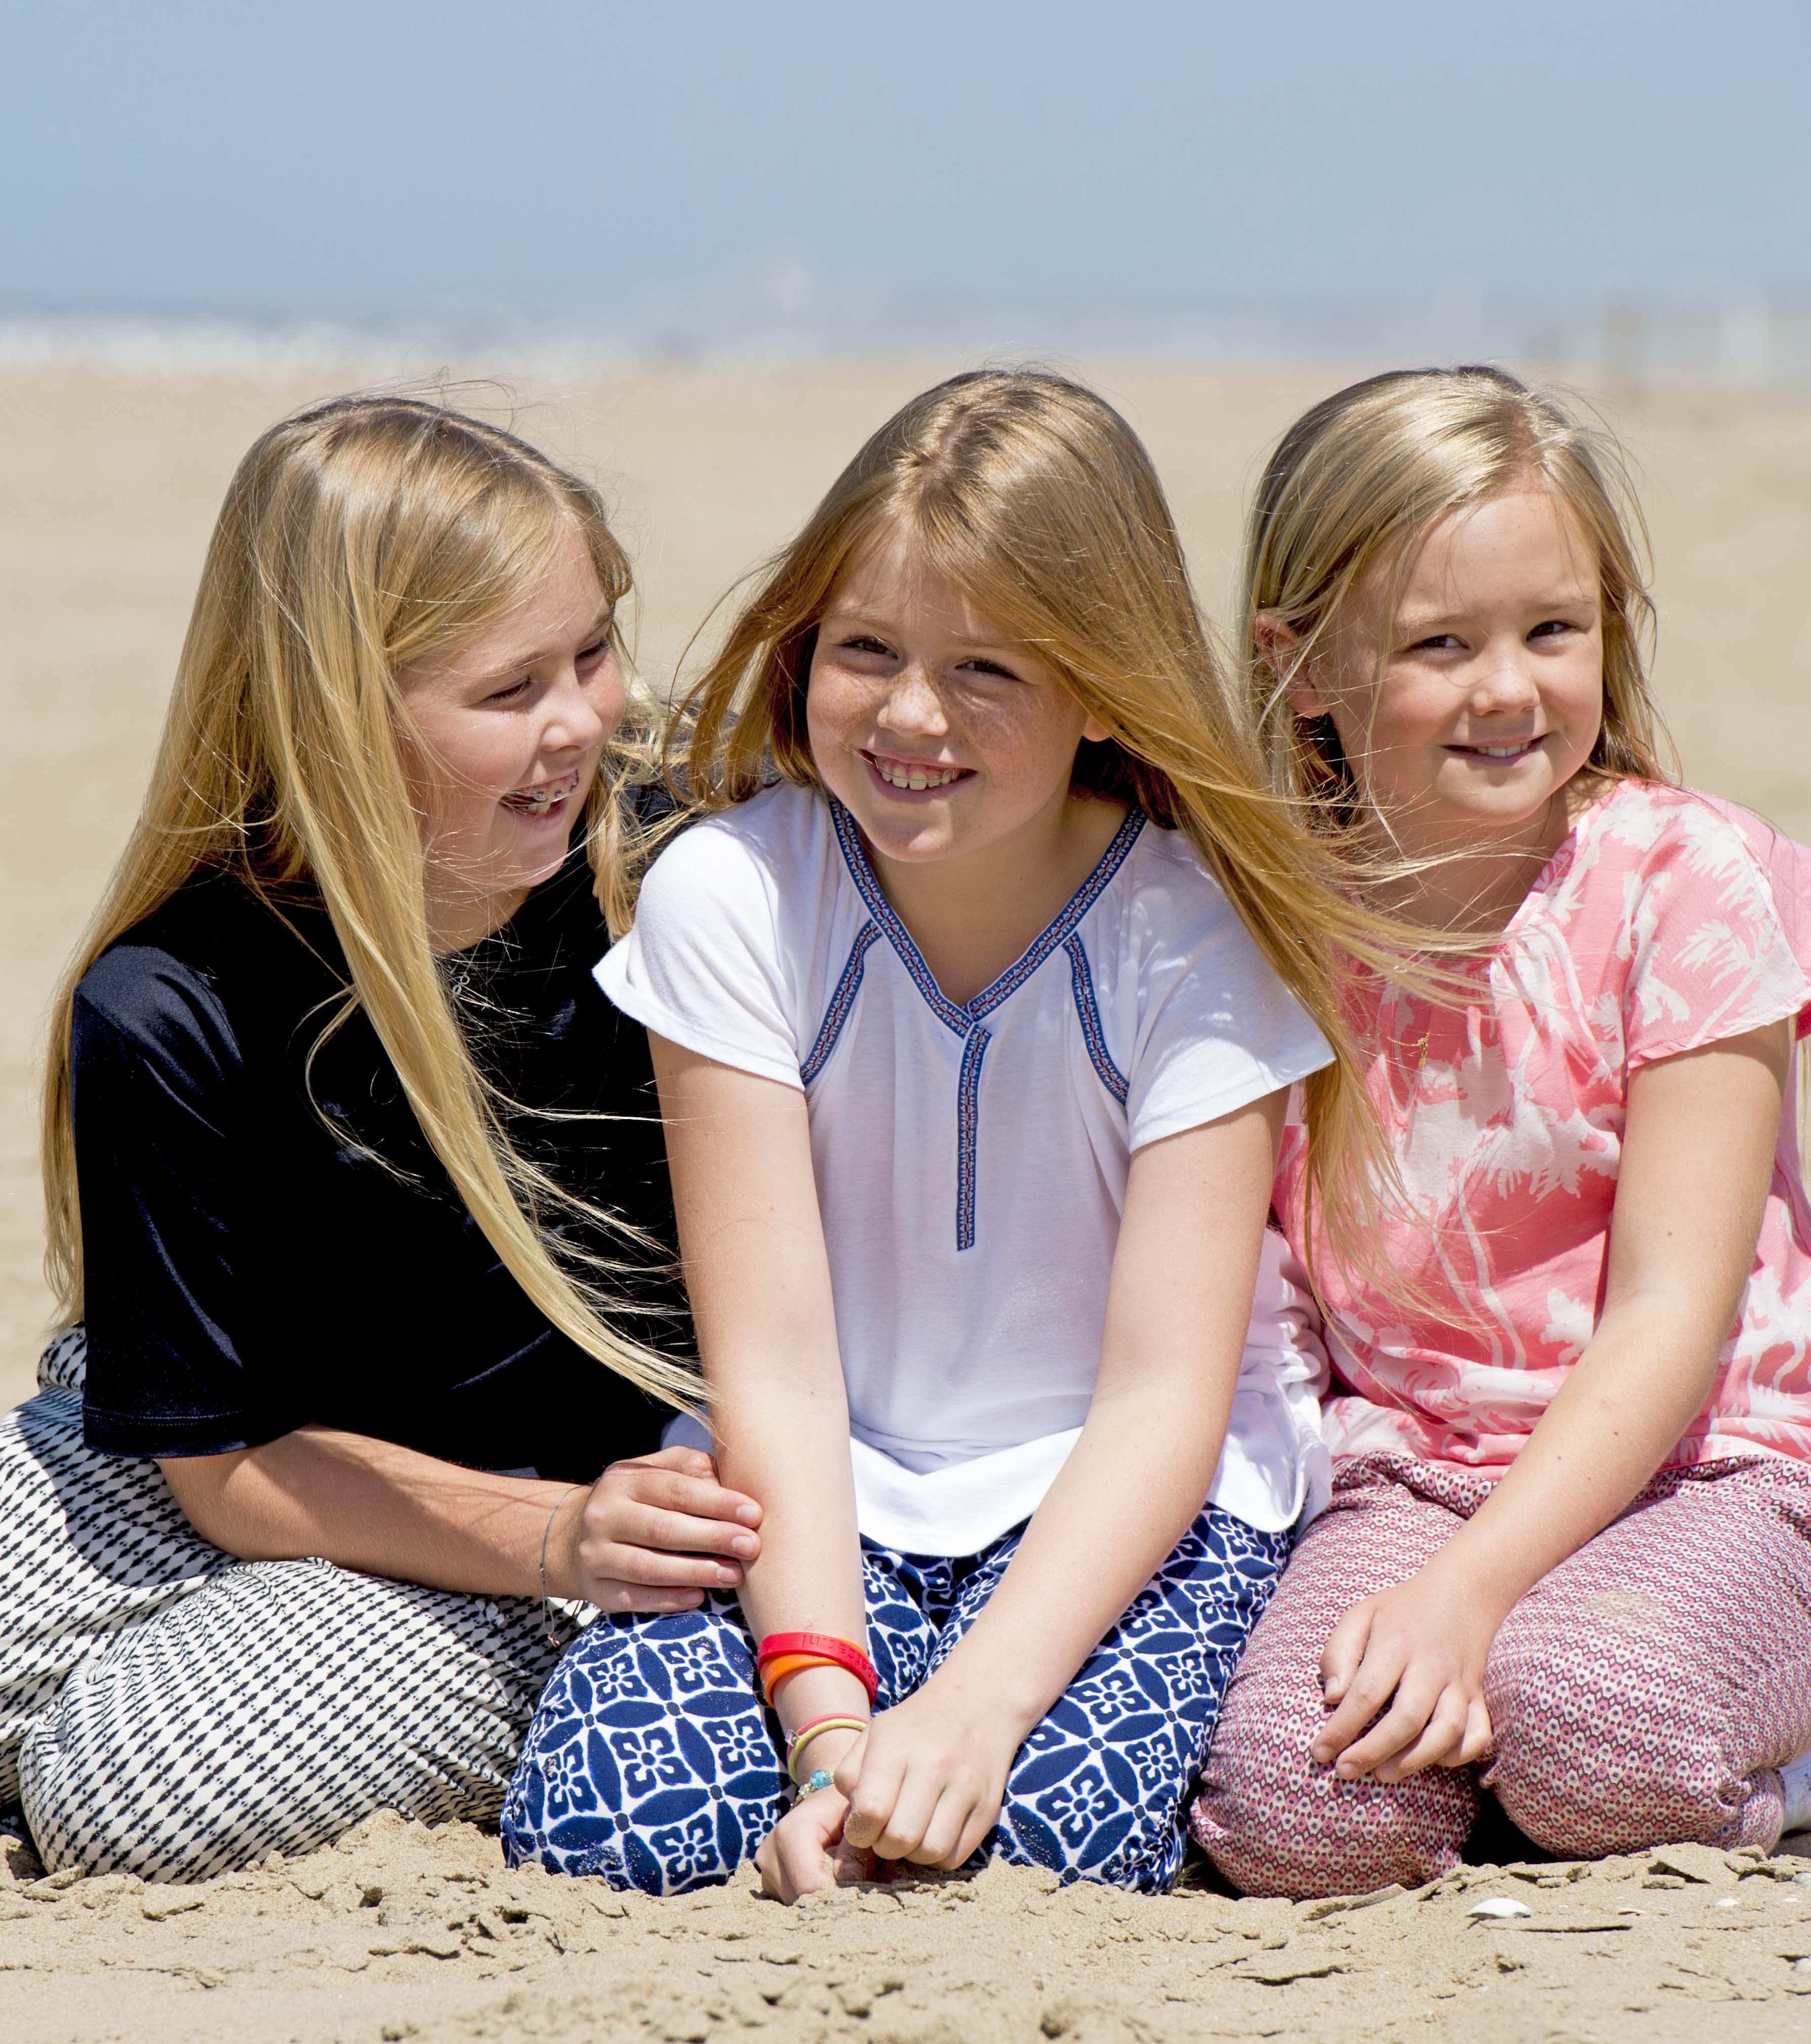 Księżniczka Catharine-Amalia, Alexia i Ariana